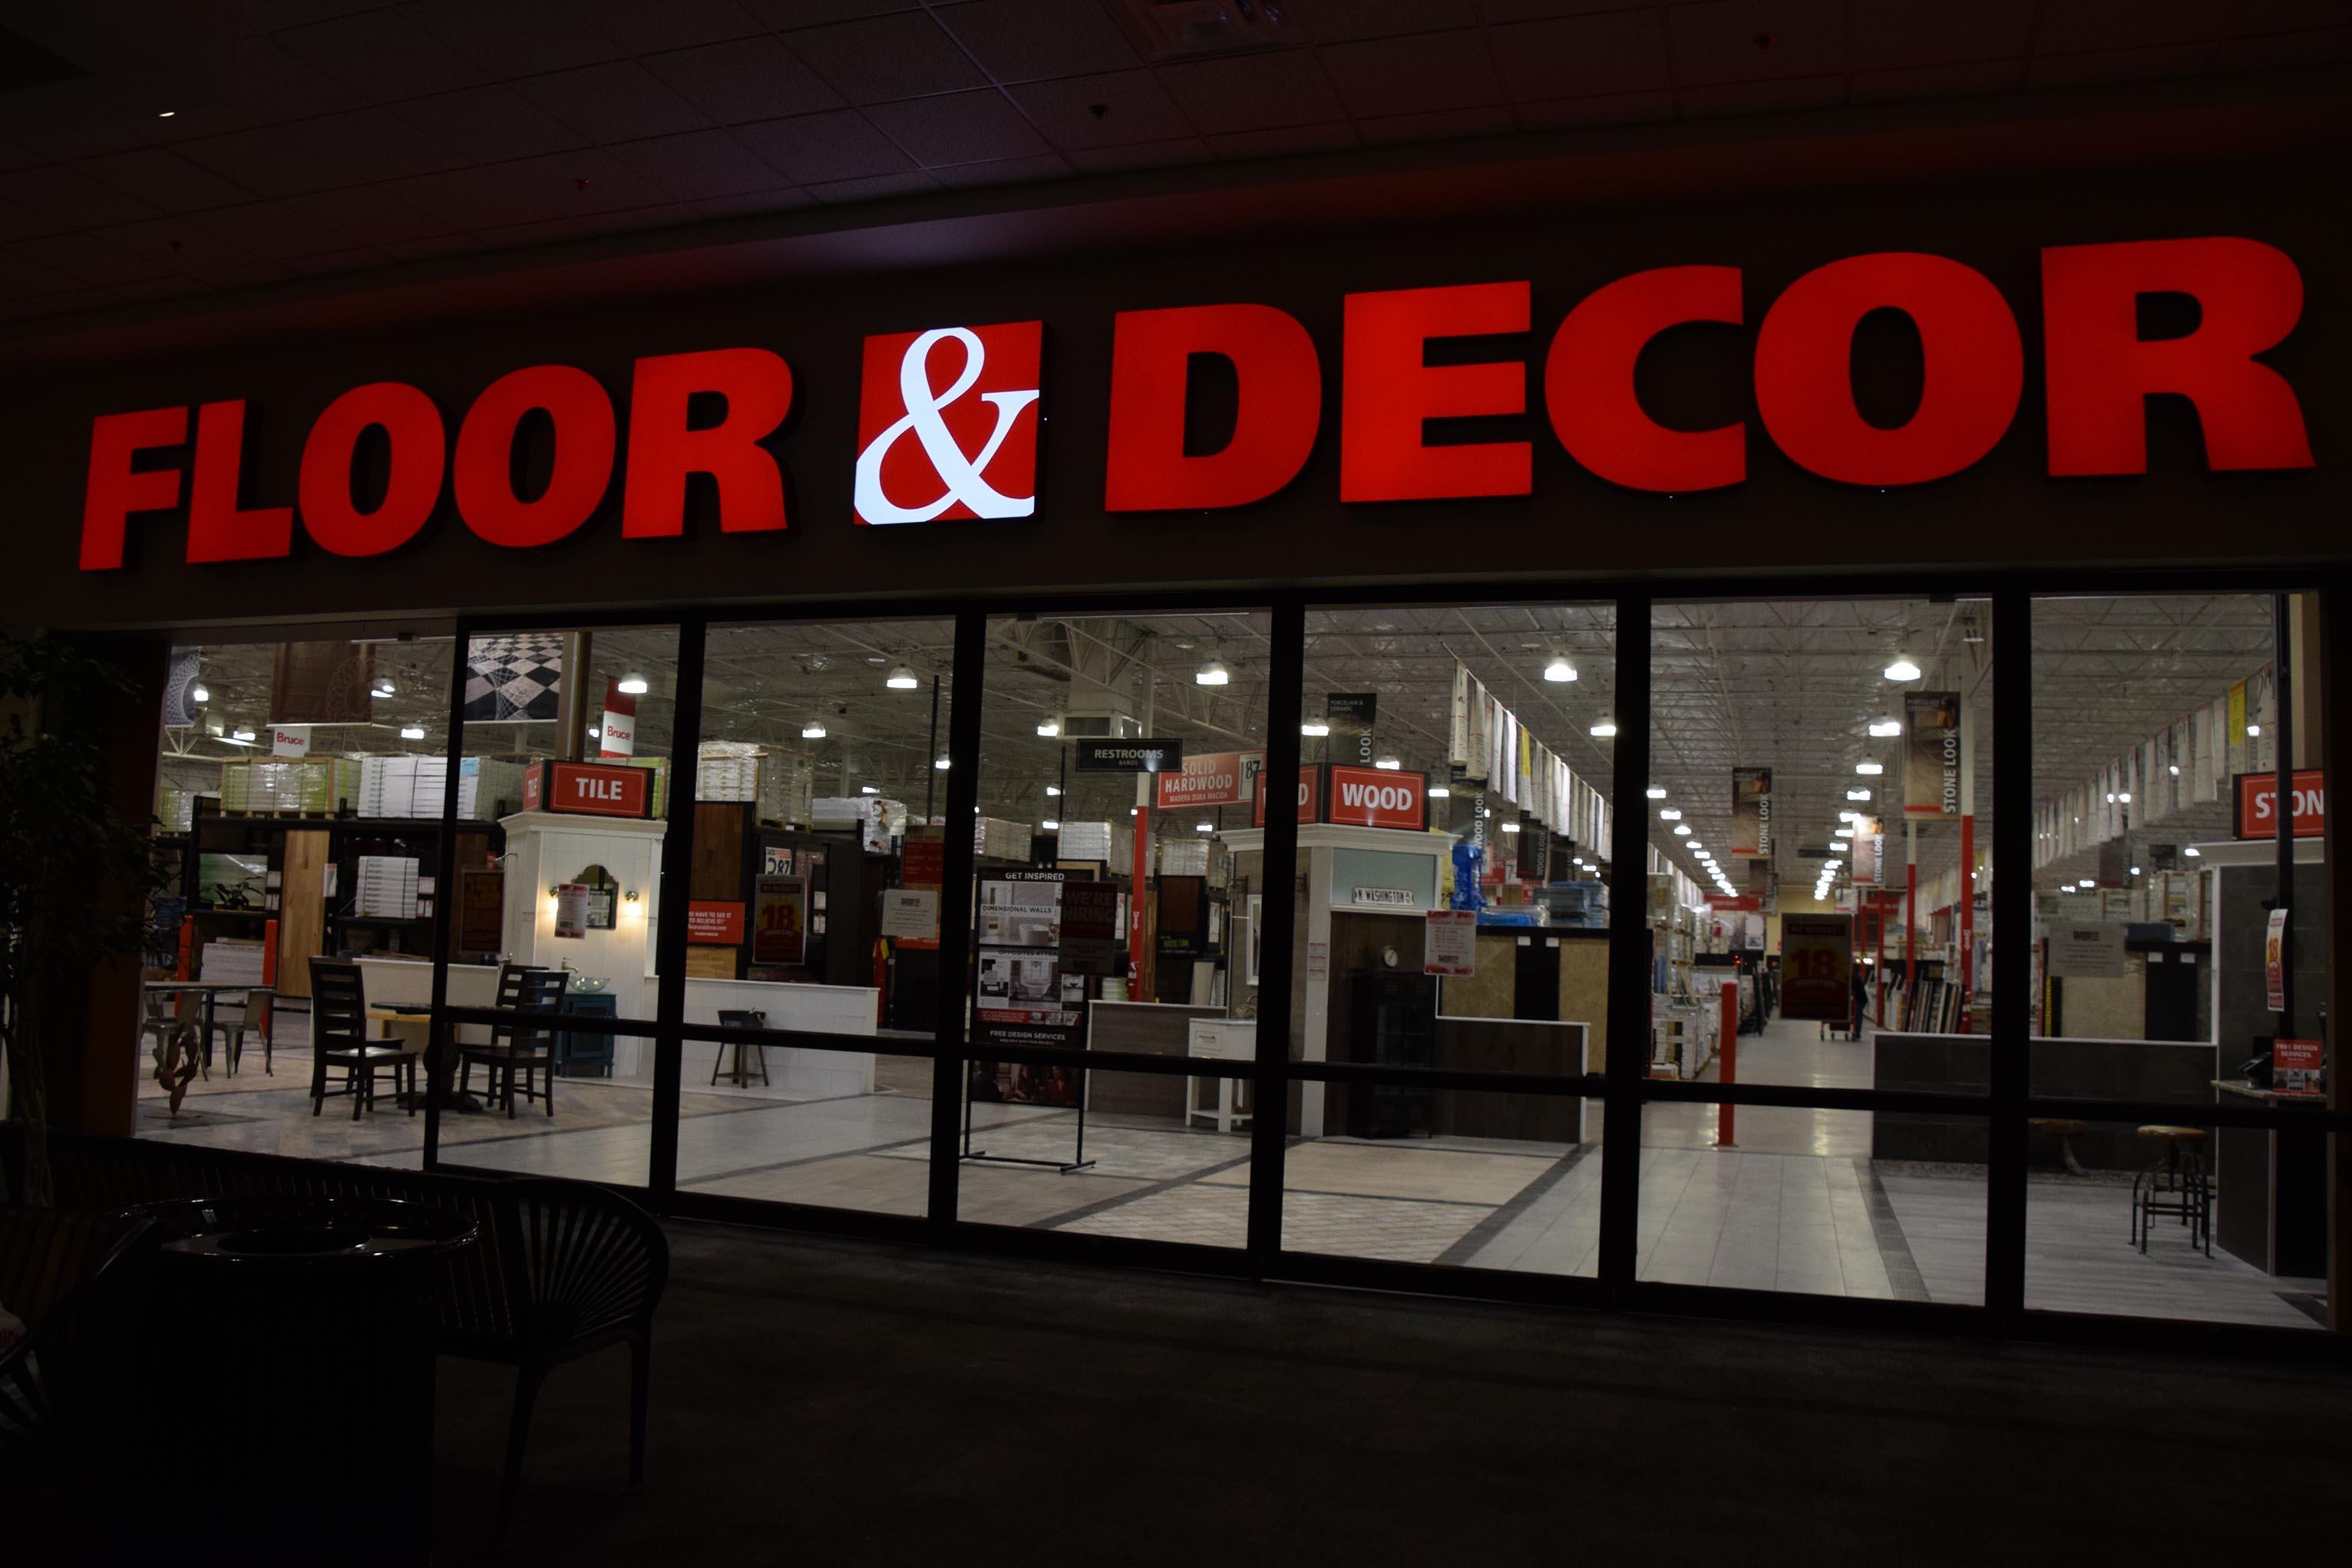 Floor & Decor image 17